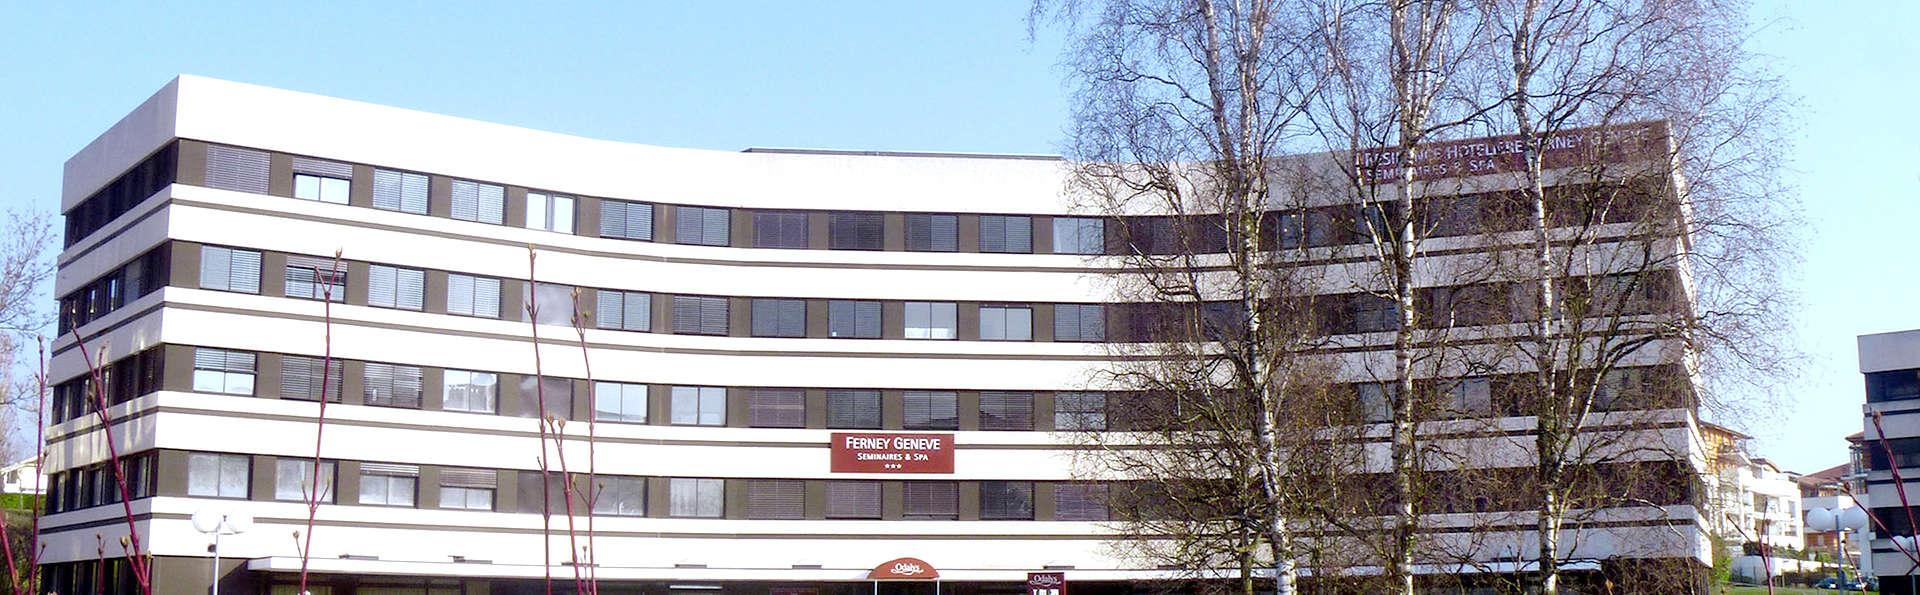 Appart'hôtel et Spa Odalys Ferney Genève - Edit_Front3.jpg